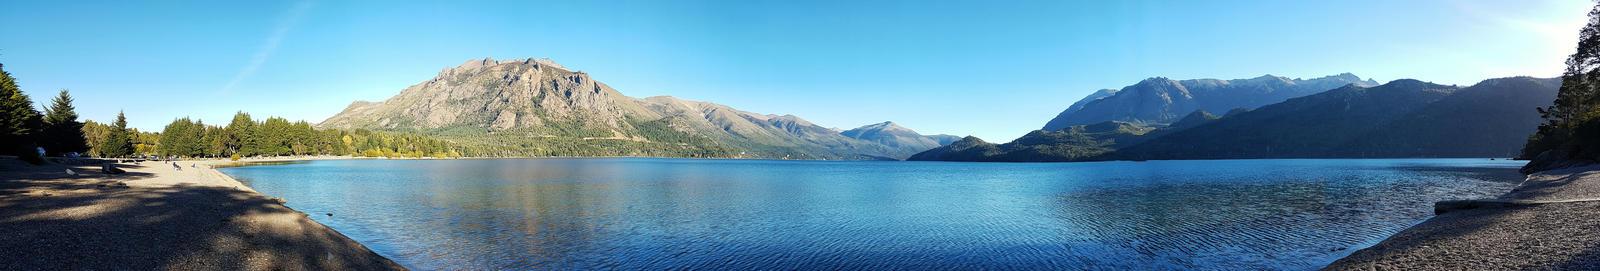 Lago Gutierrez by maxiaringoli